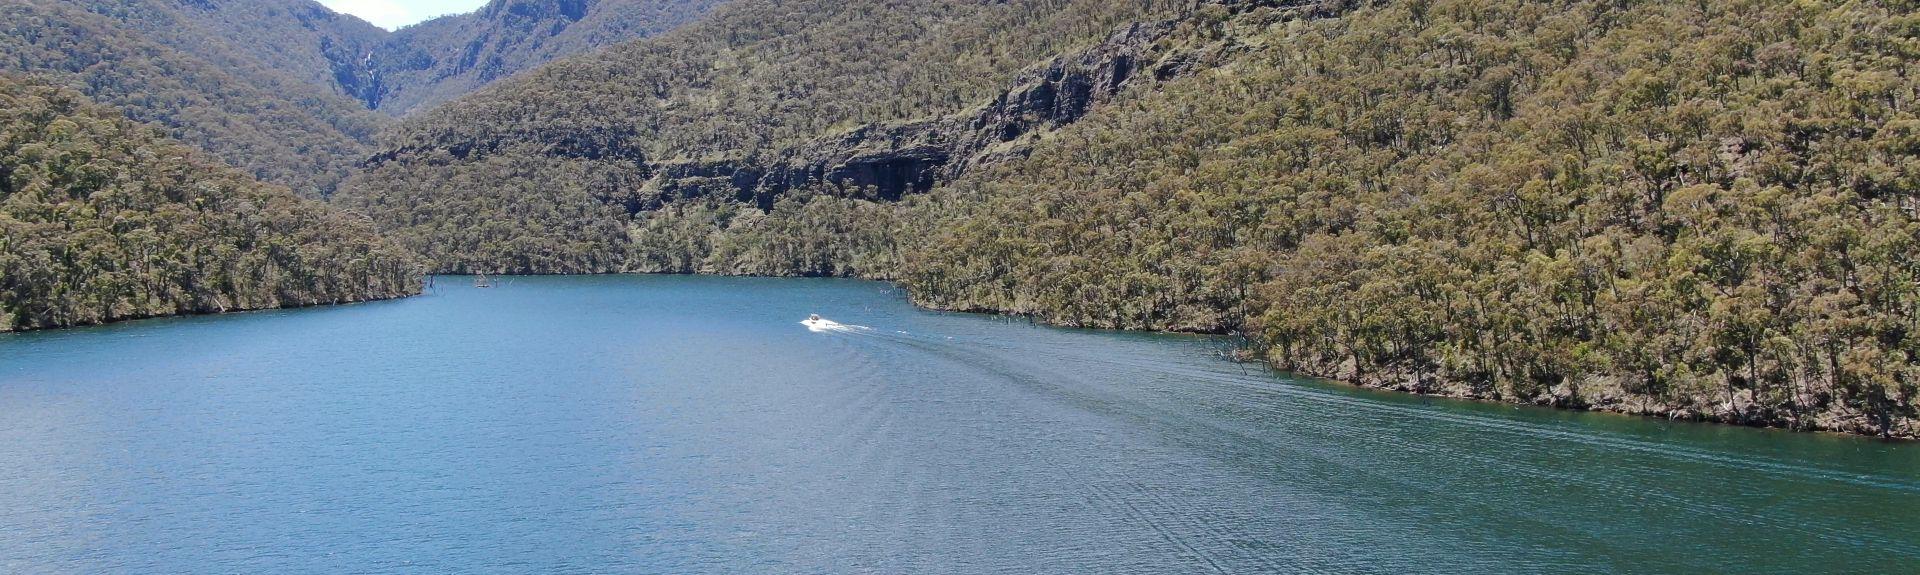 Talbingo NSW, Australia